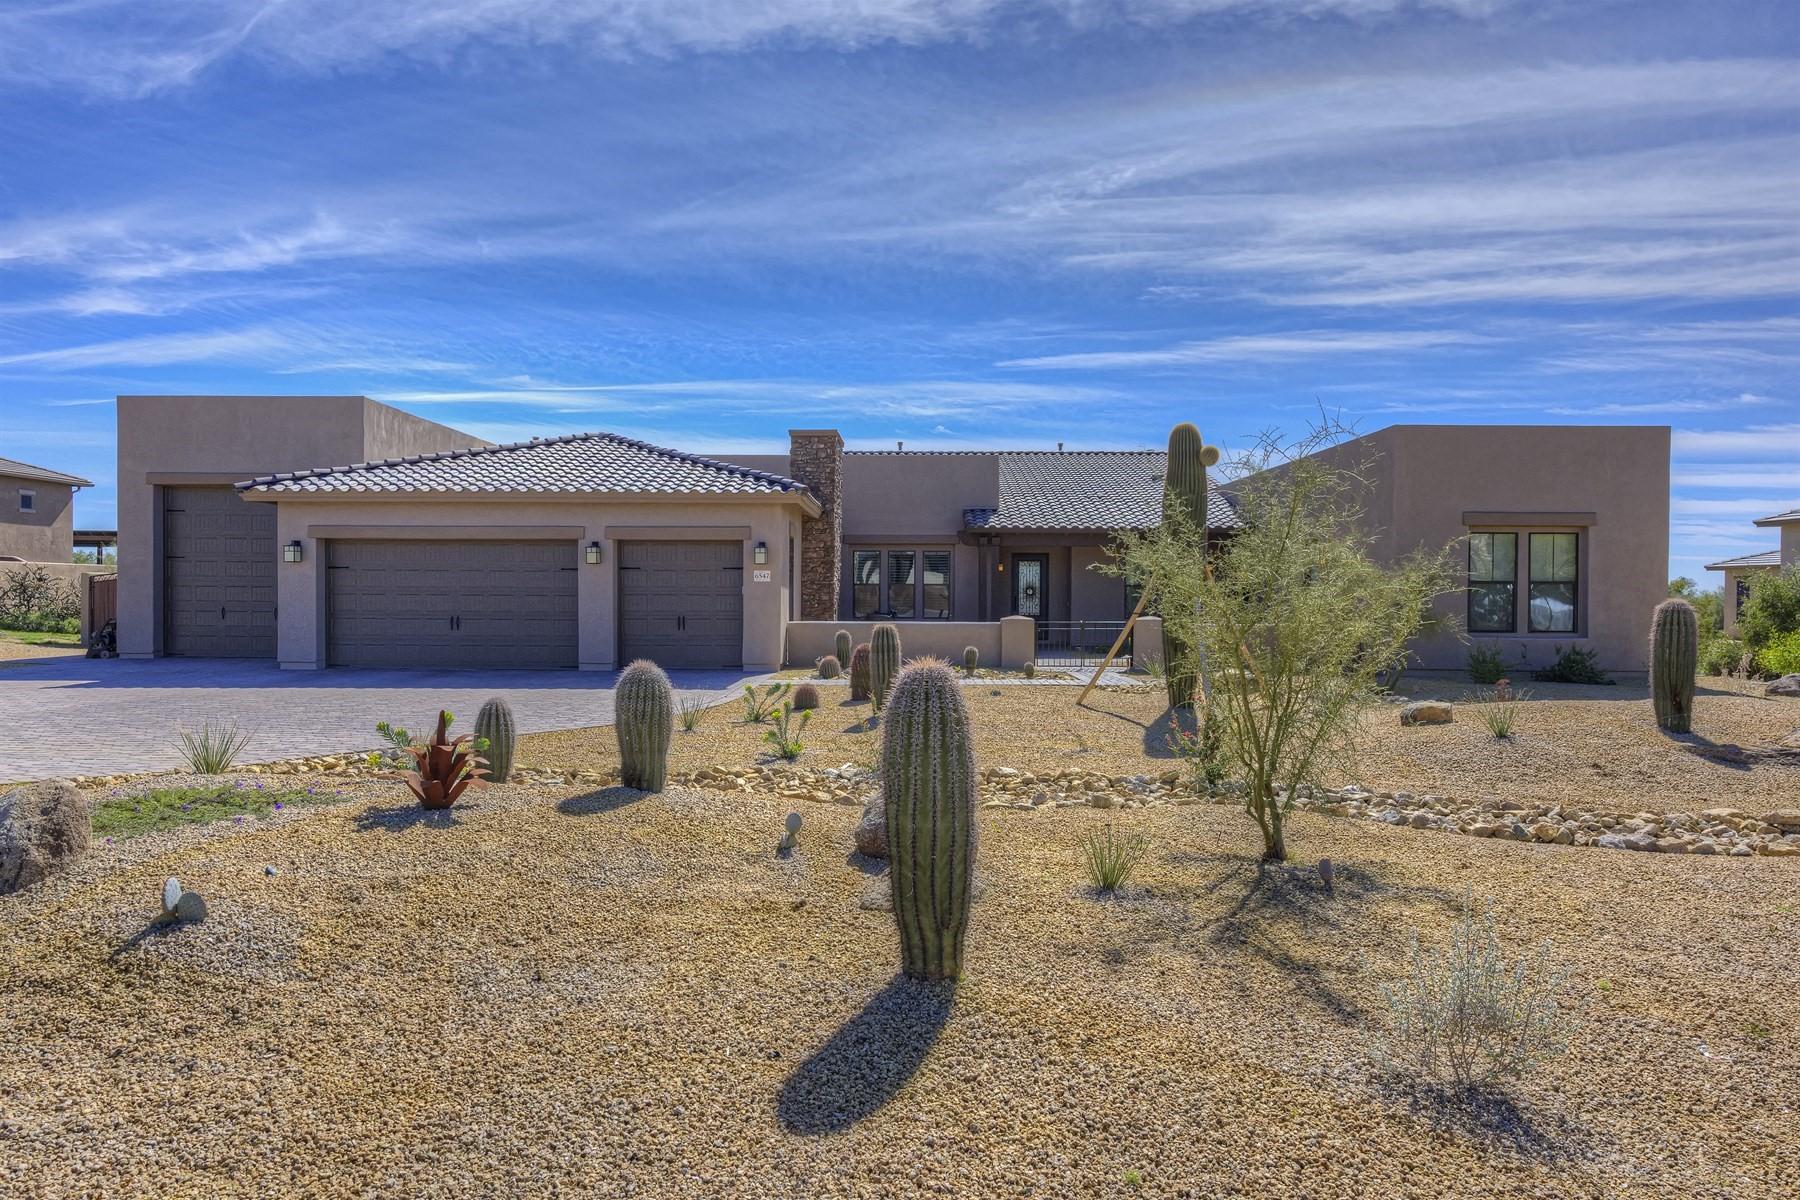 Nhà ở một gia đình vì Bán tại Ideal North Scottsdale living on a gated cul-de-sac with incredible views 6547 E Monterra Way Scottsdale, Arizona, 85266 Hoa Kỳ